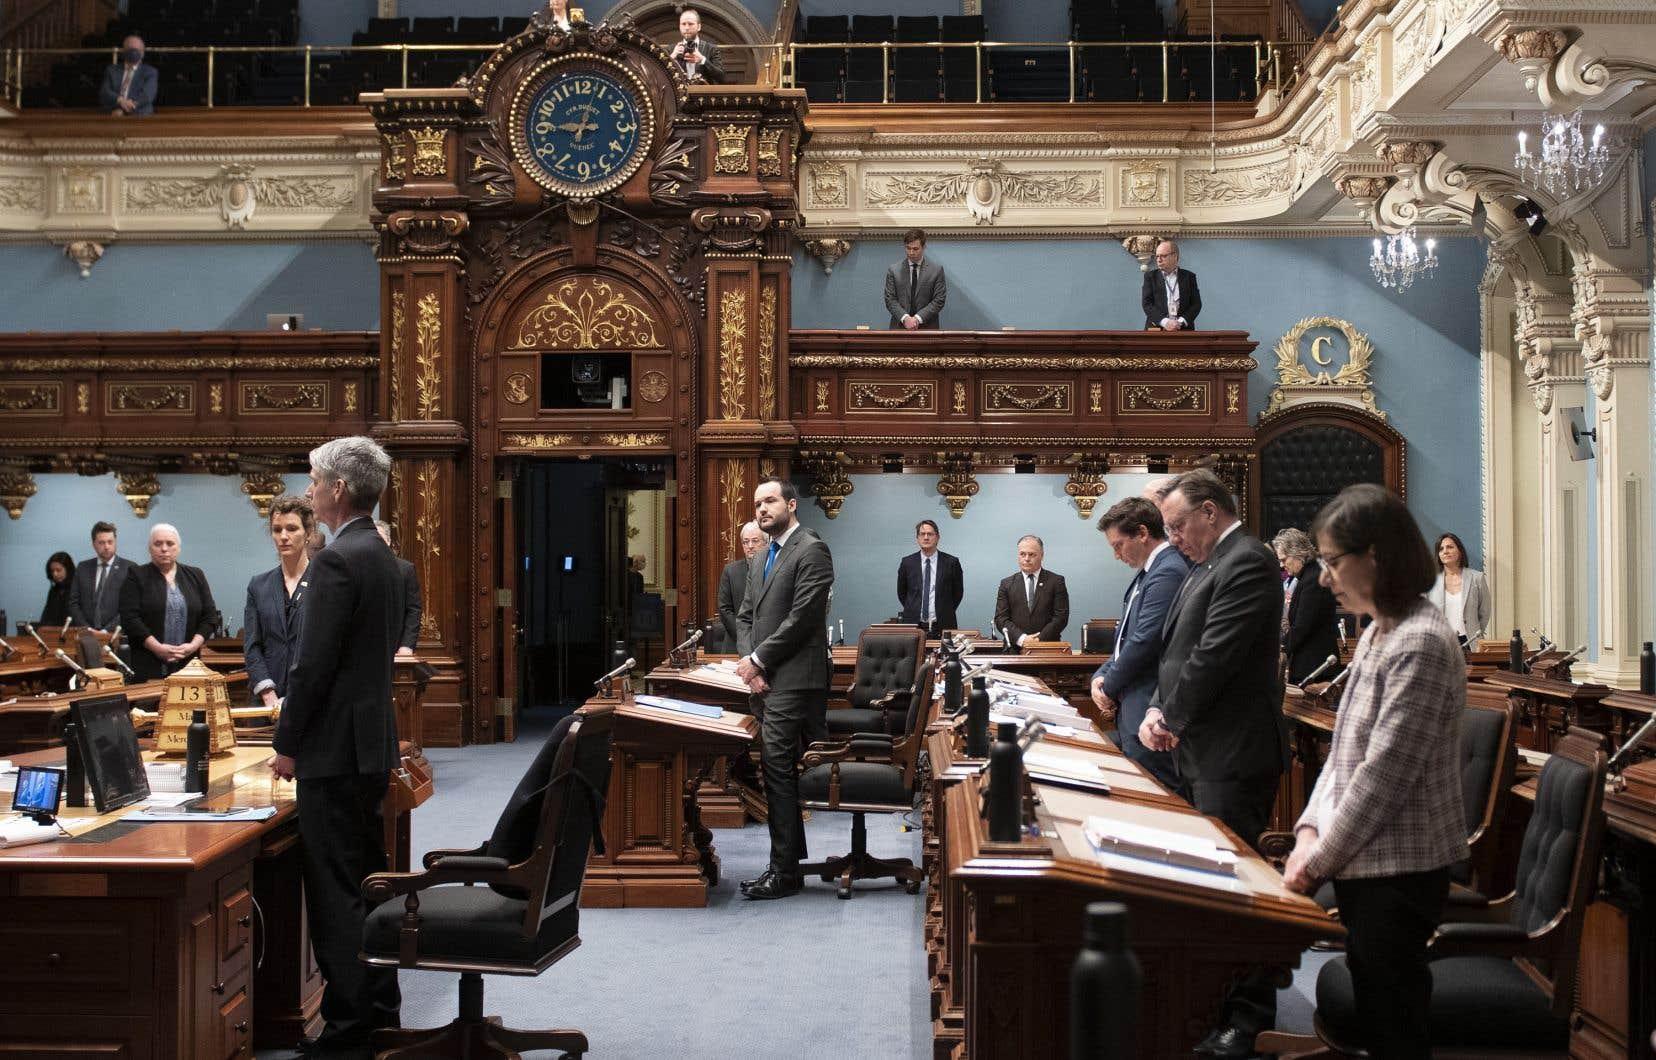 <p>Ce matin a eu lieu la première période de questions et de réponses orales à l'Assemblée nationale depuis le début de l'état d'urgence sanitaire.</p>